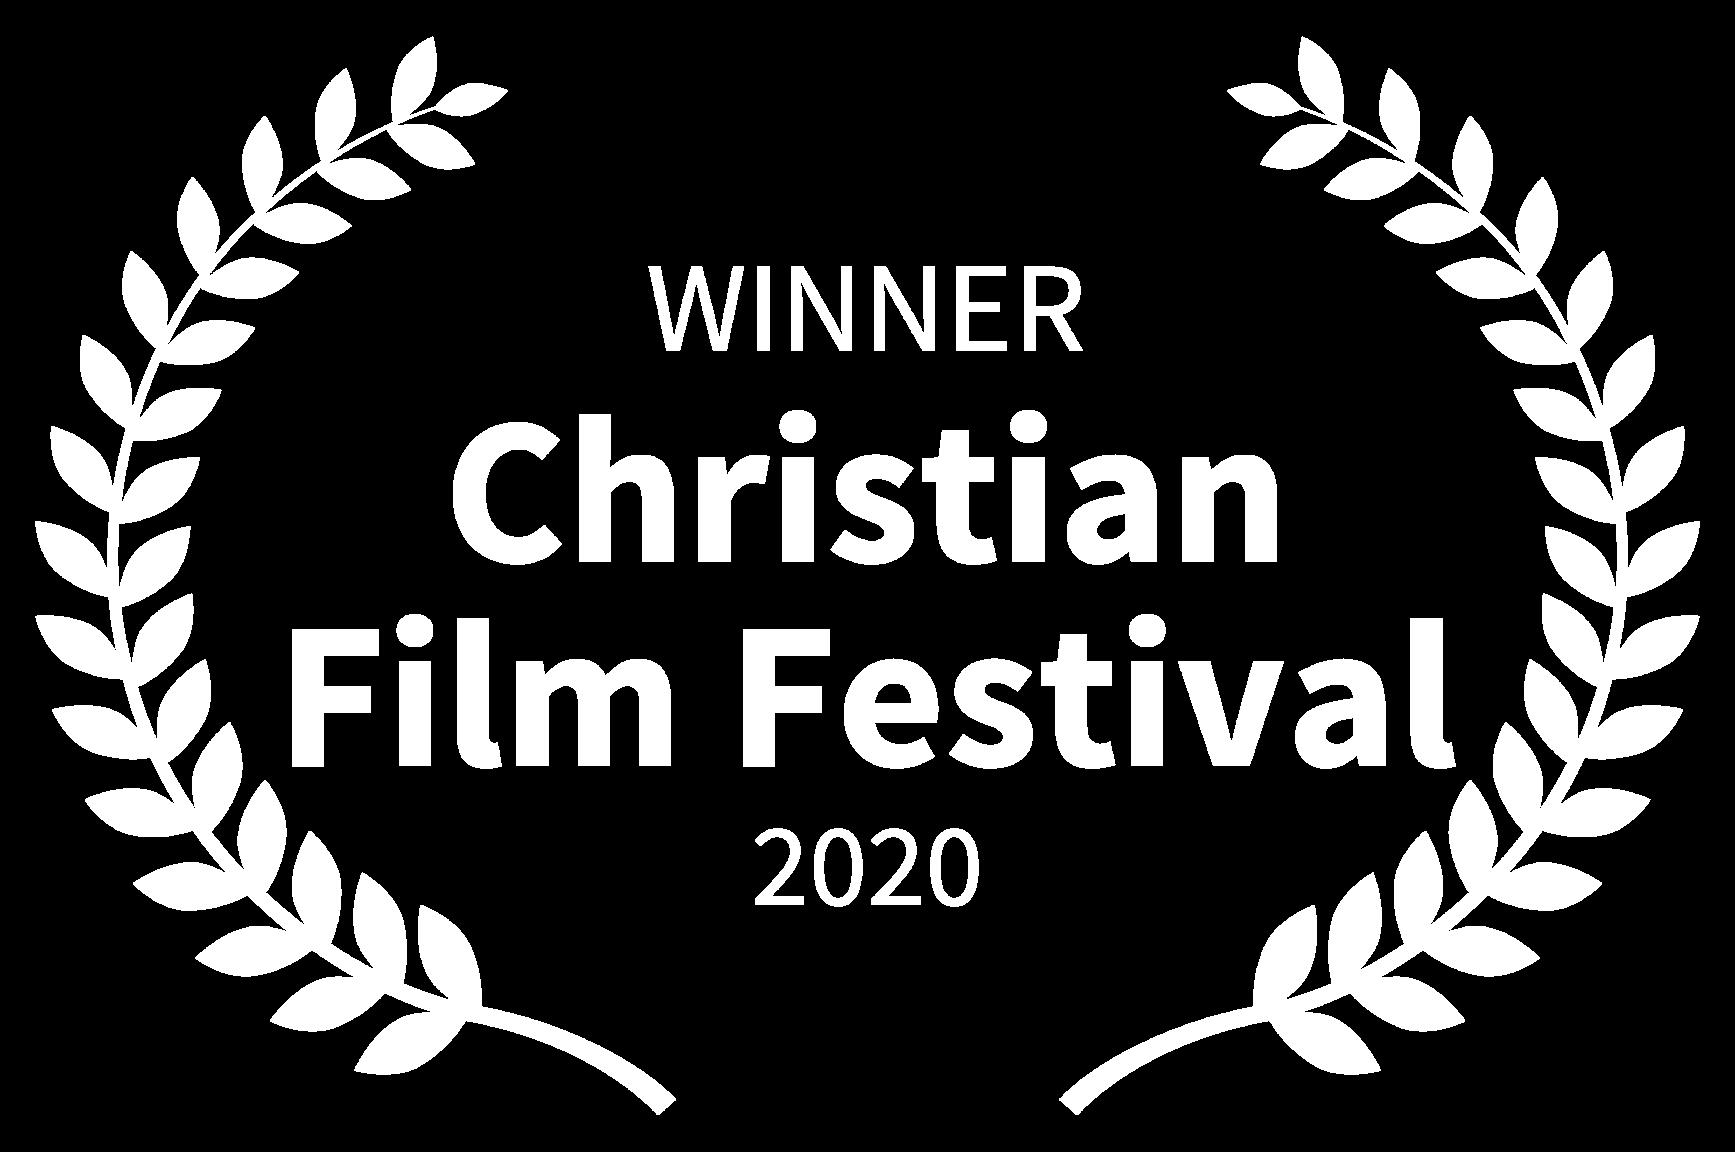 WINNER - Christian Film Festival - 2020 (1)